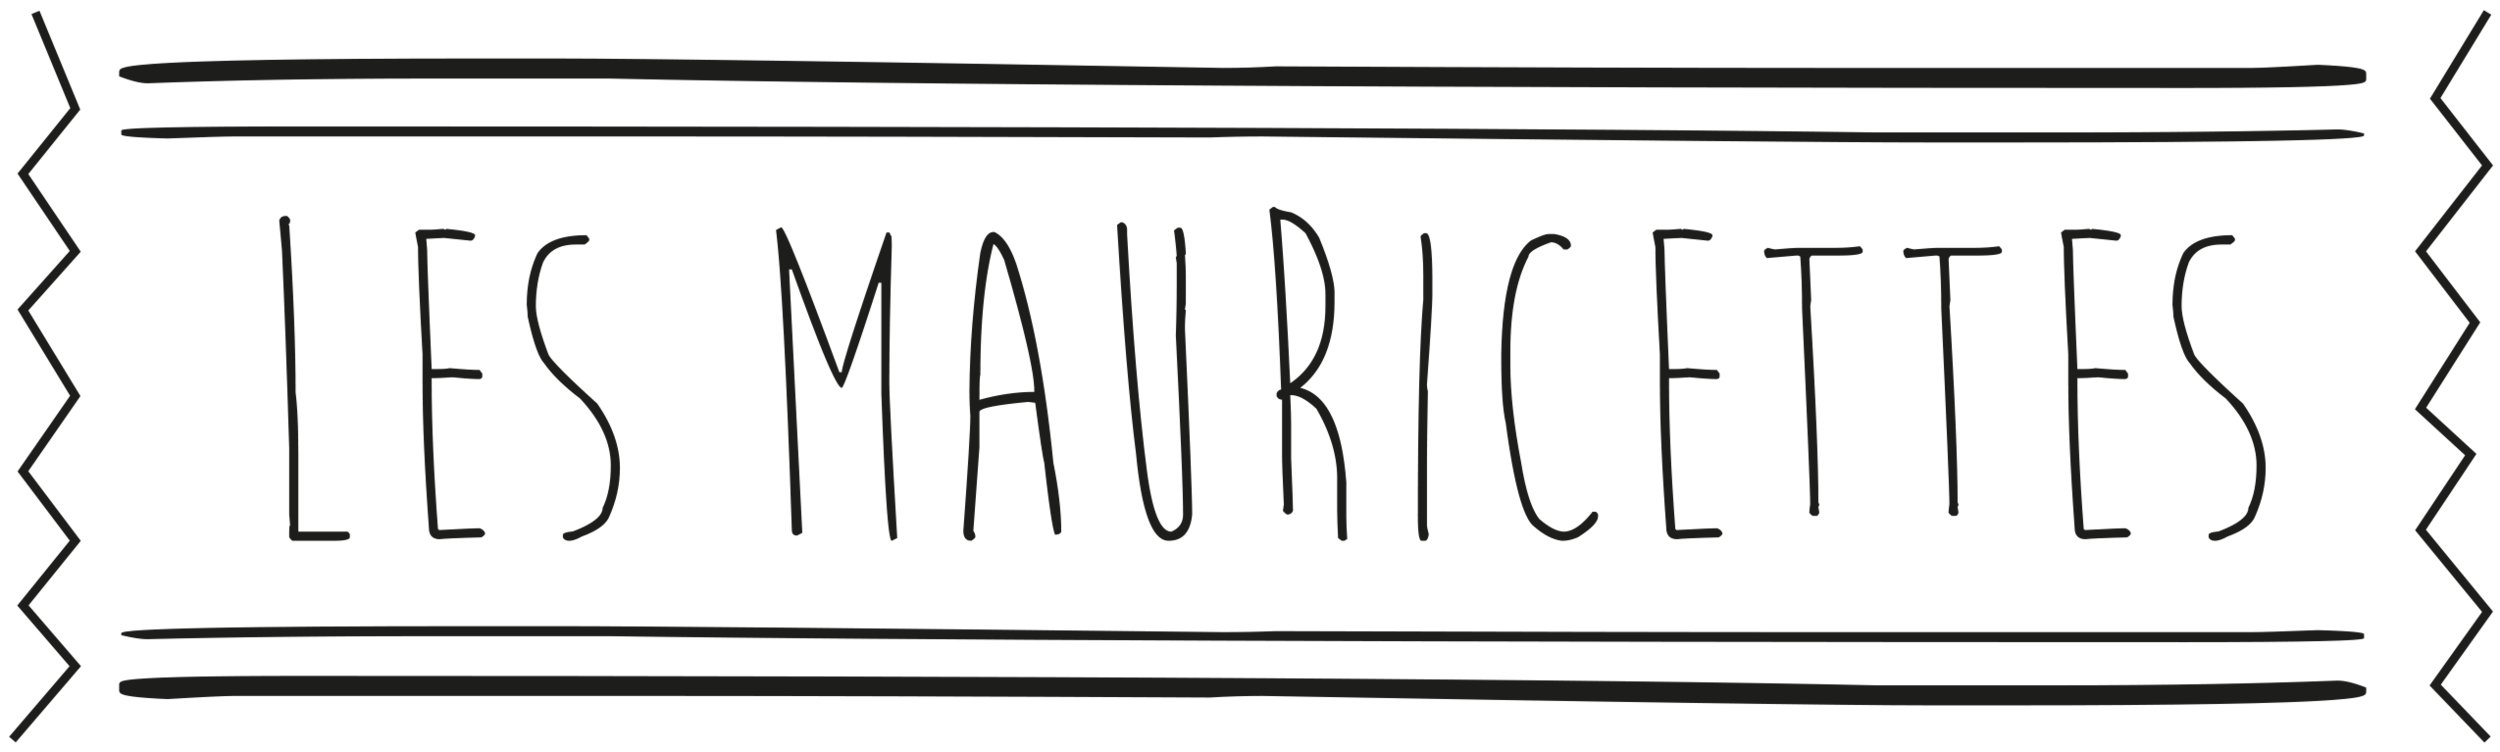 Les Mauricettes